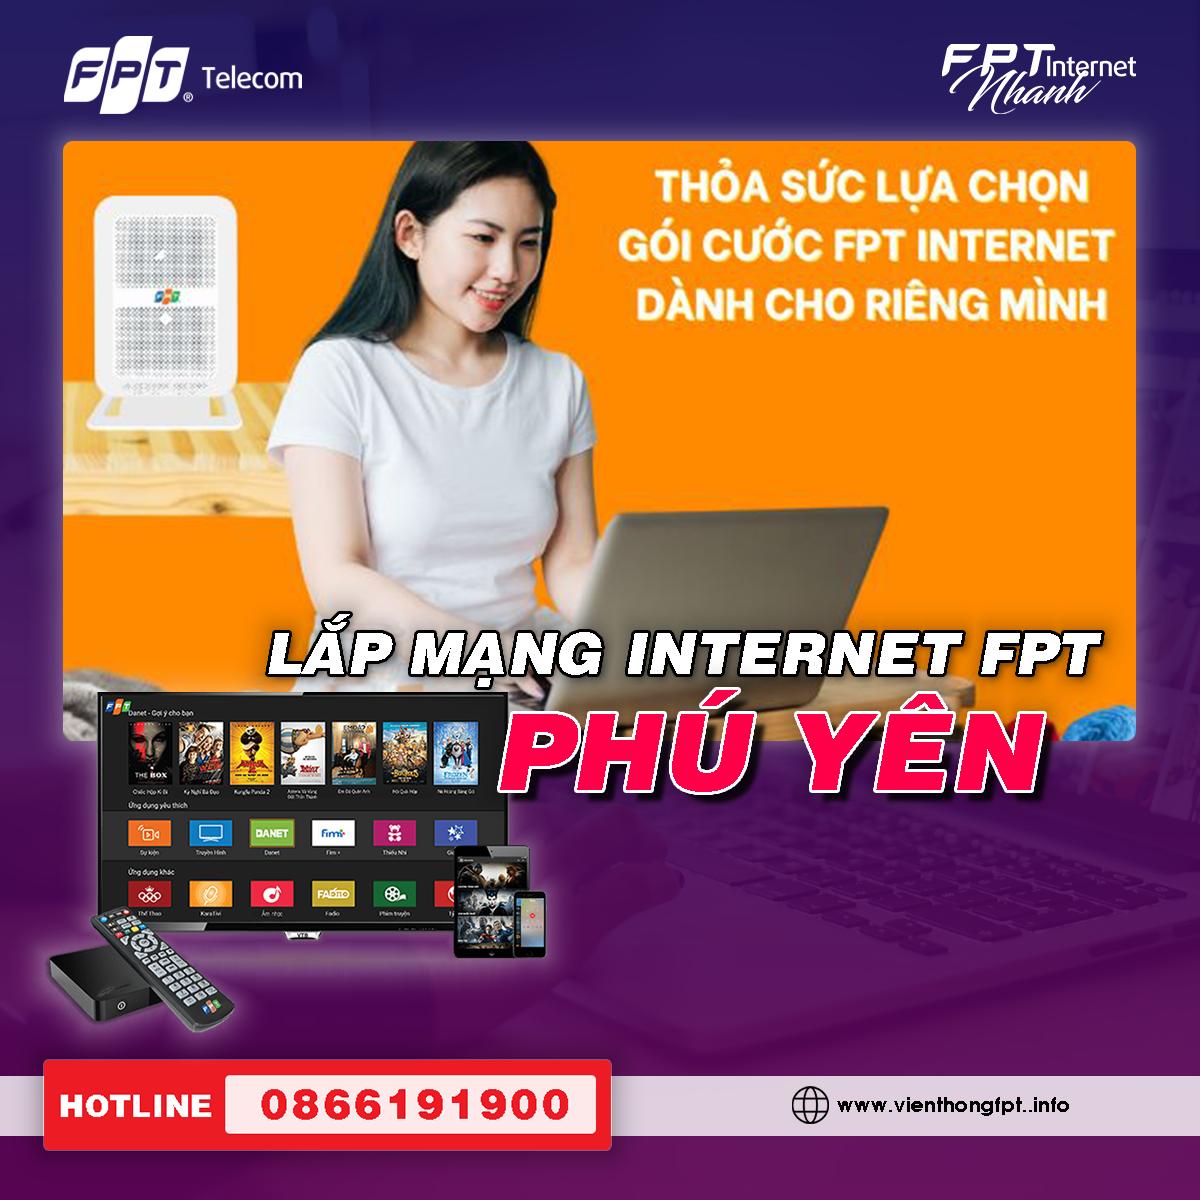 Đăng ký Internet FPT Phú Yên - Lắp đặt Miễn phí - Tặng 2 tháng cước